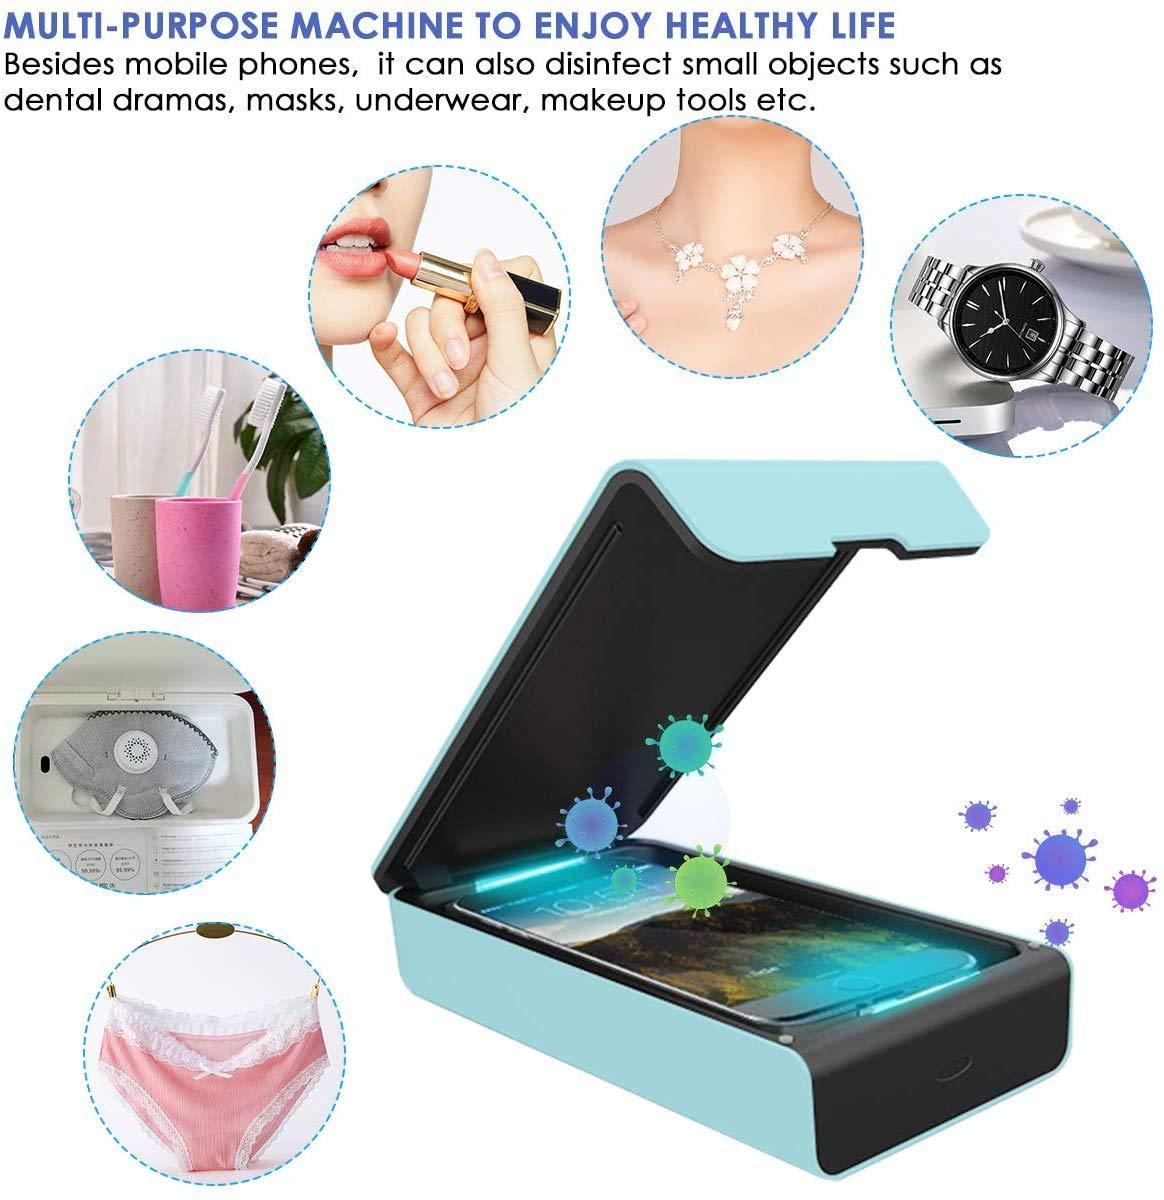 Automatische Desinfektion Dual UV Handy Sterilisator Box,Multifunktional UV-Desinfektions Boxhandschuhe,Babyflaschen und Gl/äser